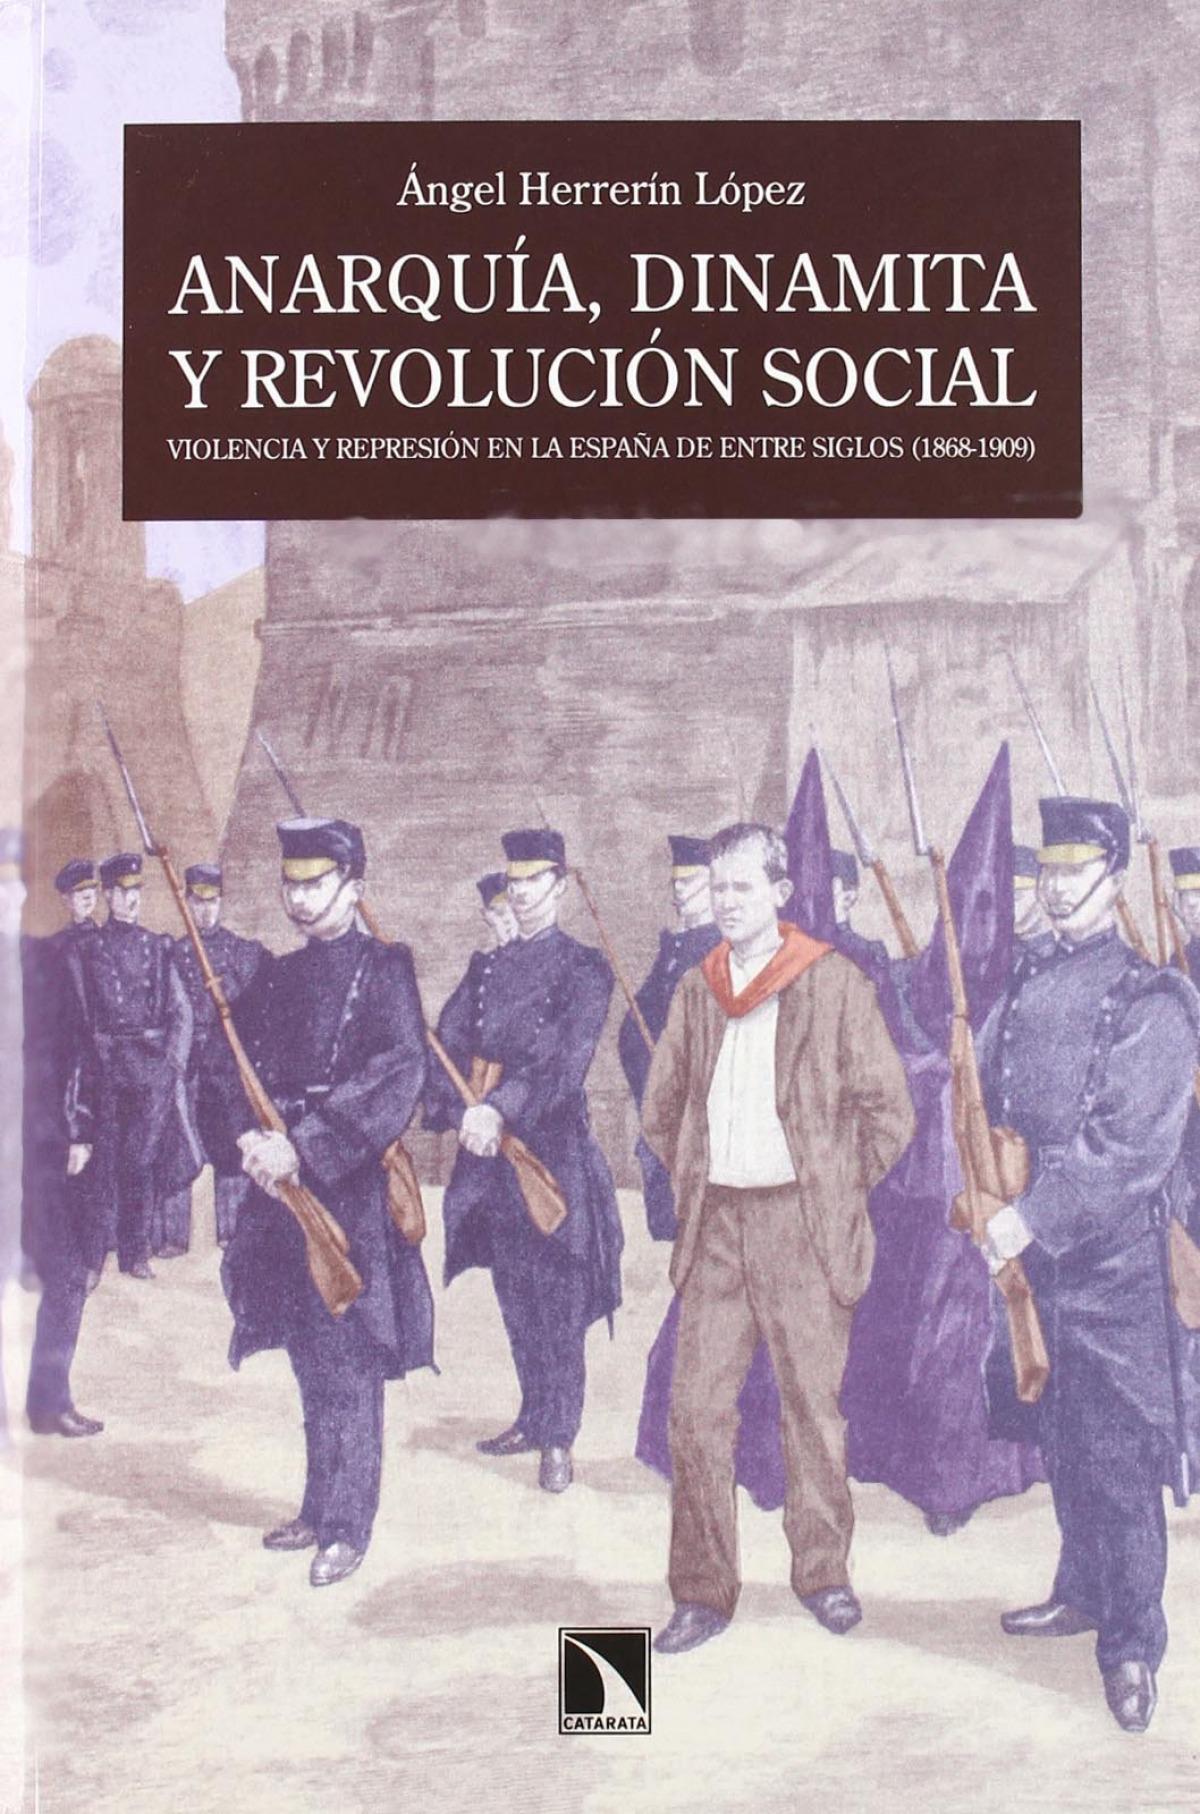 357.ANARQUIA, DINAMITA Y REVOLUCION SOCIAL (MAYOR) 9788483195826